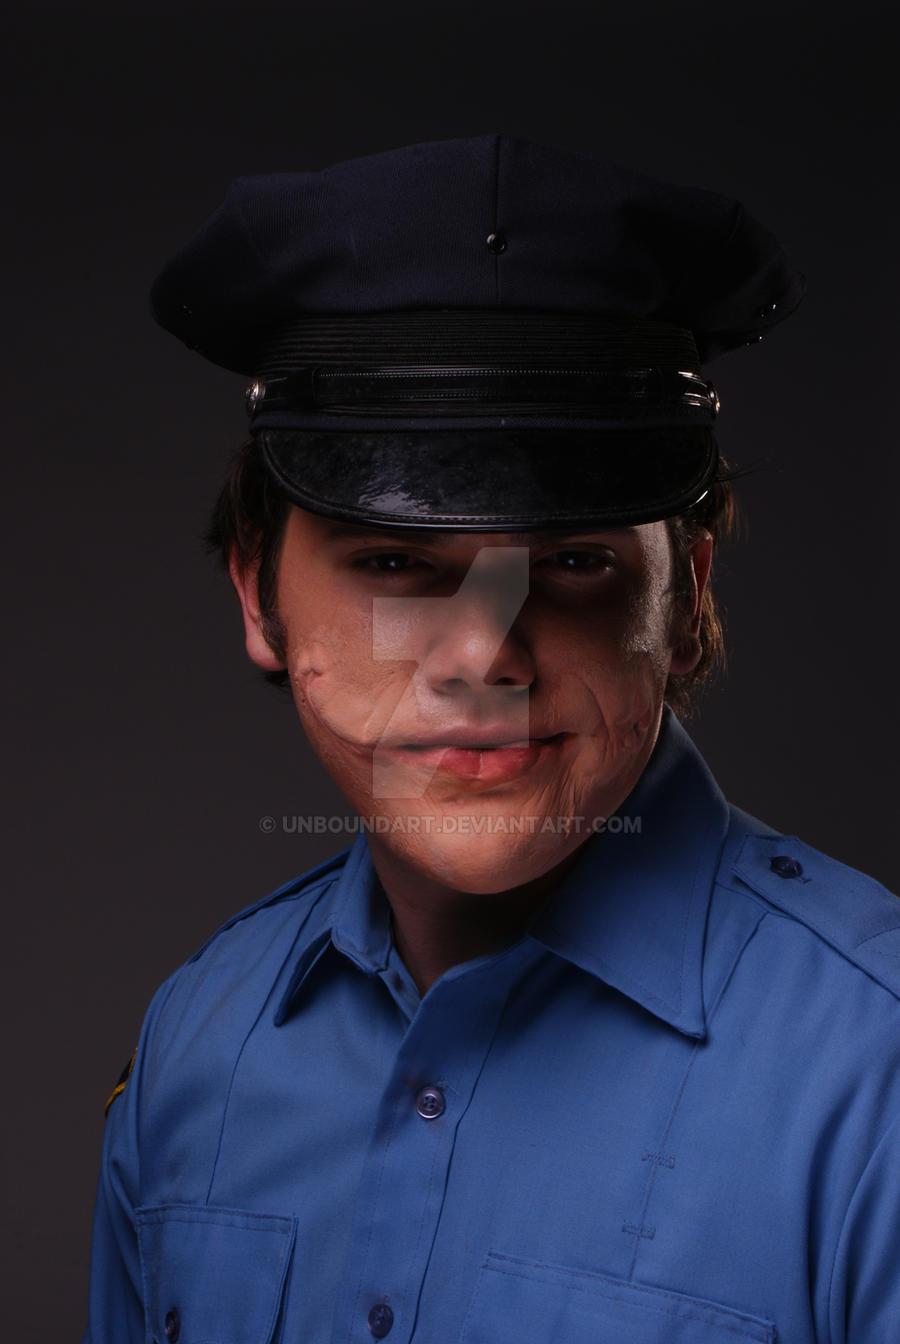 Dk Joker Without Make Up By Unboundart On Deviantart - Joker-no-makeup-ics